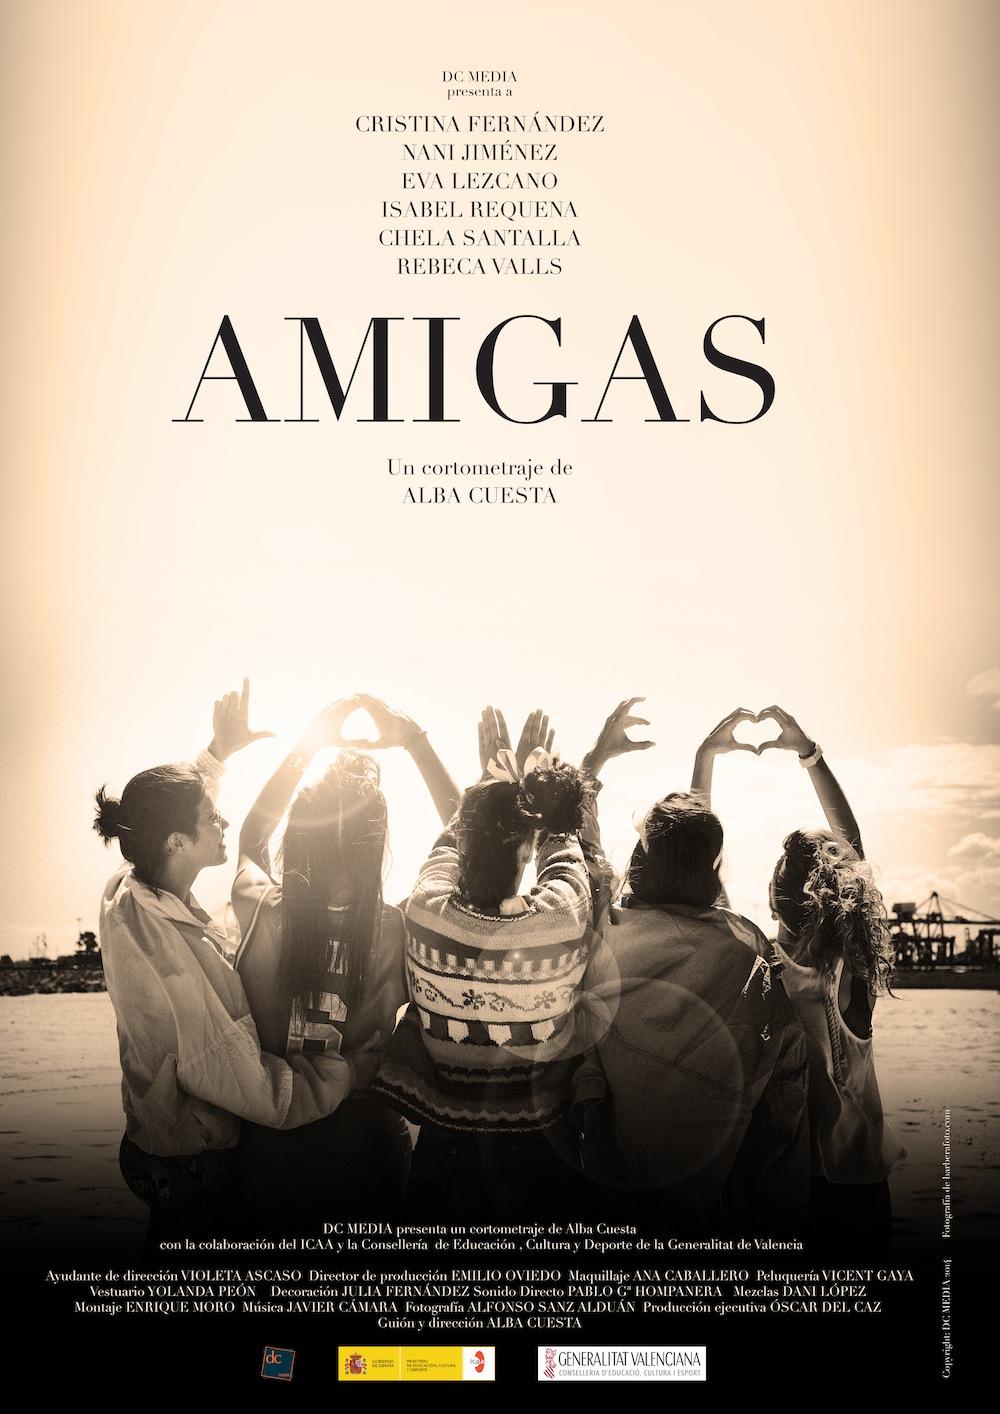 AMIGAS-51276-descalzaporelparque